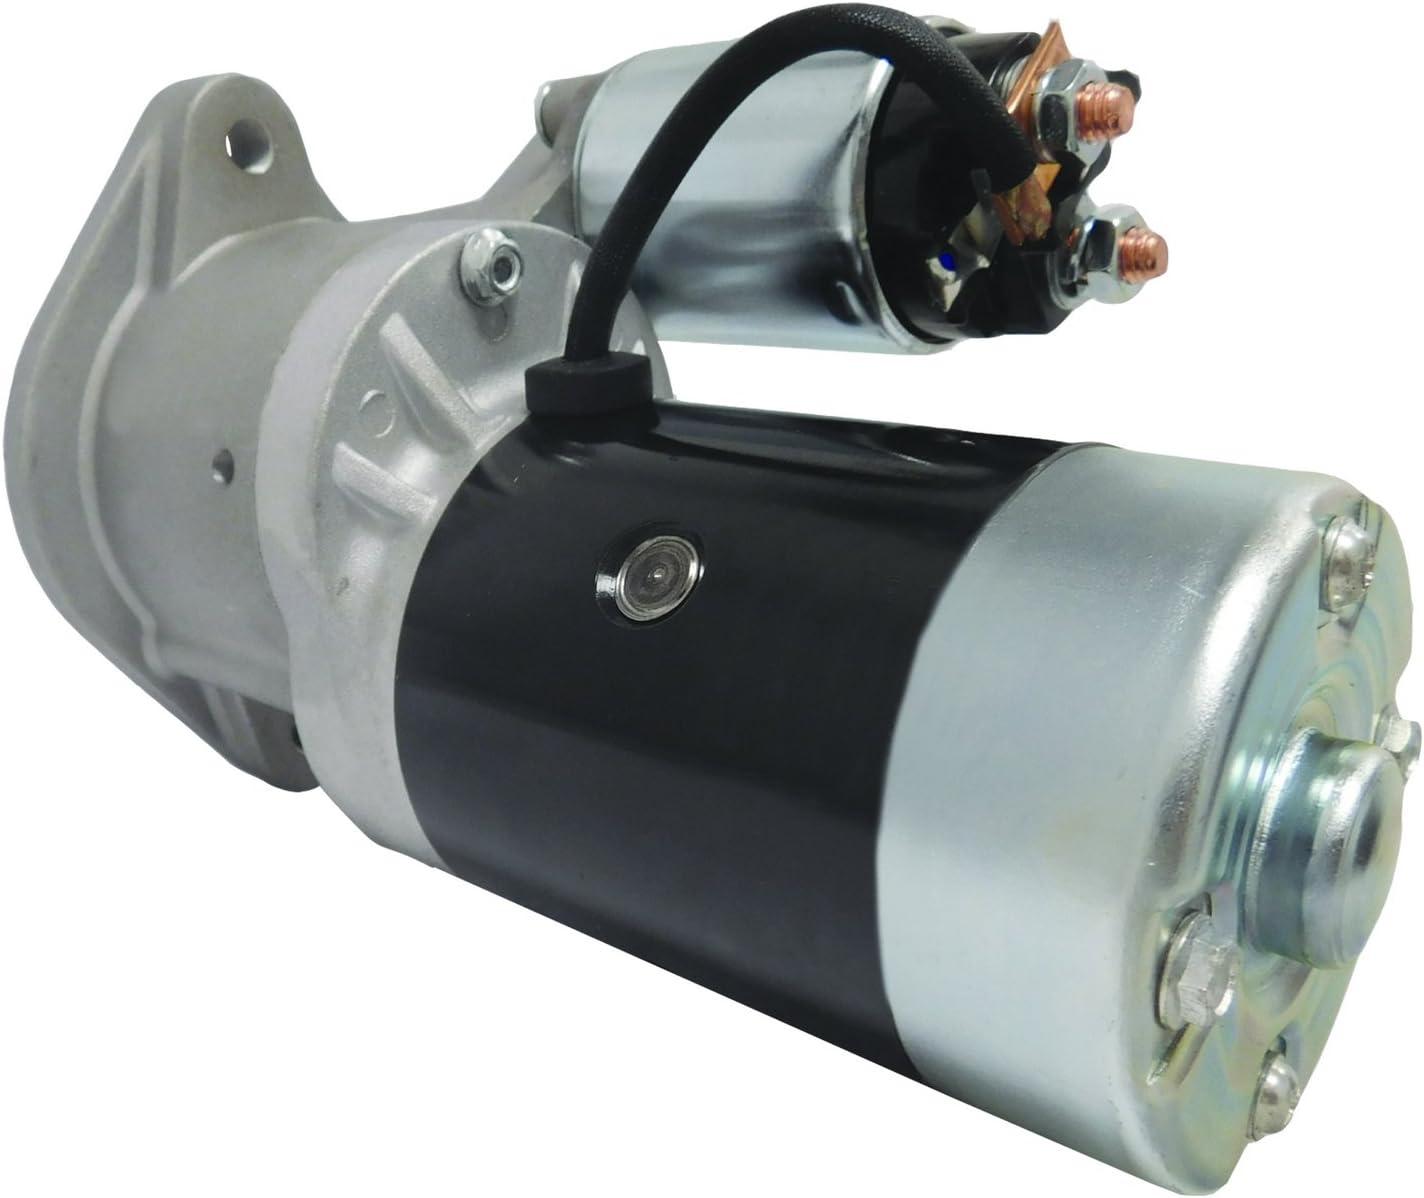 Alternator TORO Groundsmaster 220D 223D 224 5100-D Workman 3300-D 4300-D